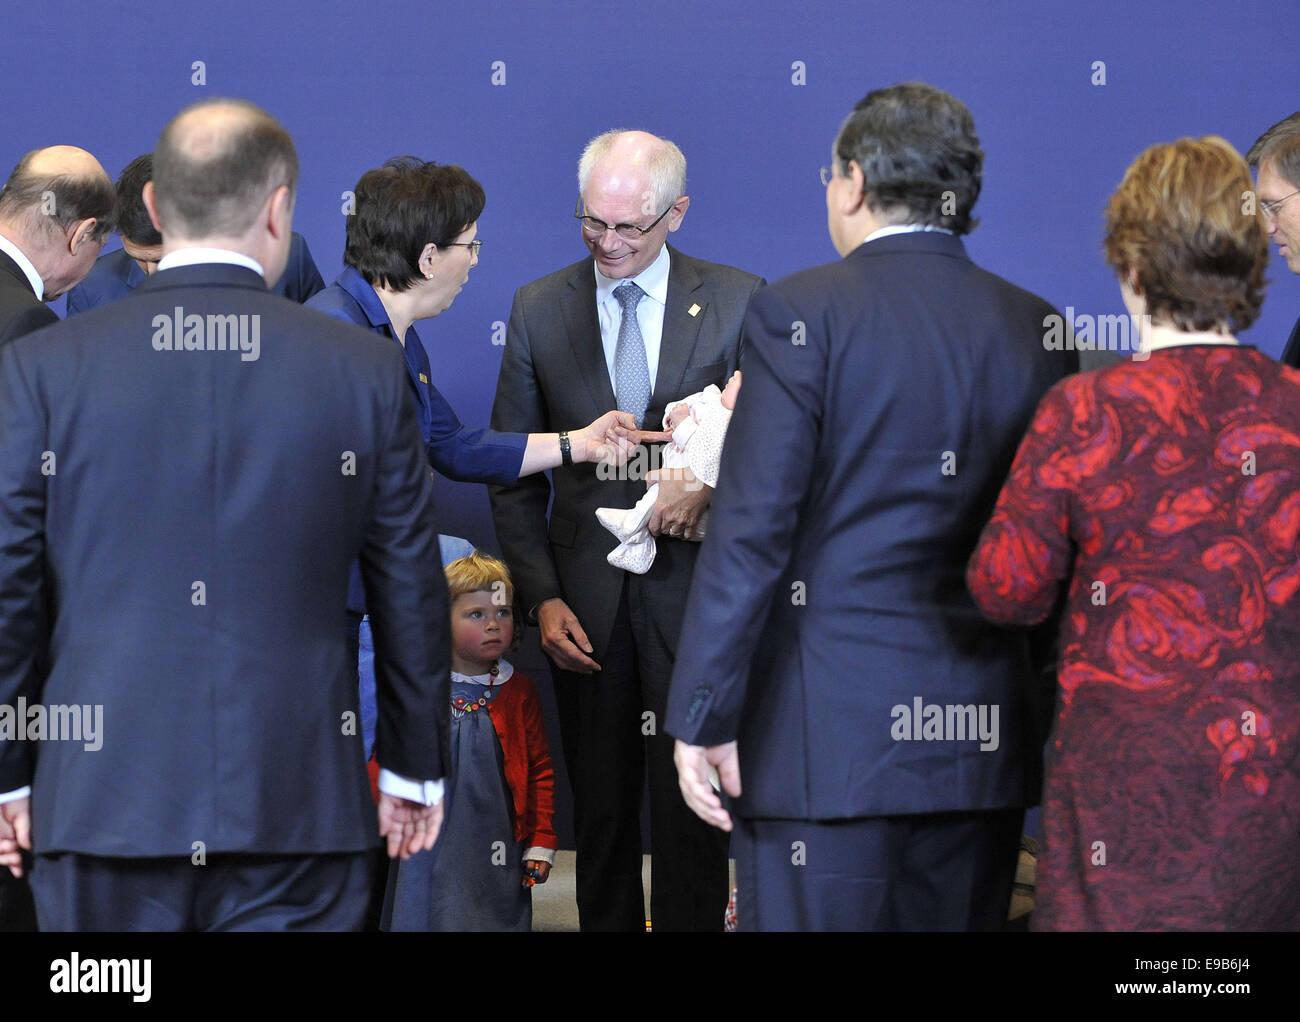 Bruxelles. 23 ott 2014. Presidente del Consiglio europeo Herman Van Rompuy (C) è accompagnato dal suo grand Immagini Stock